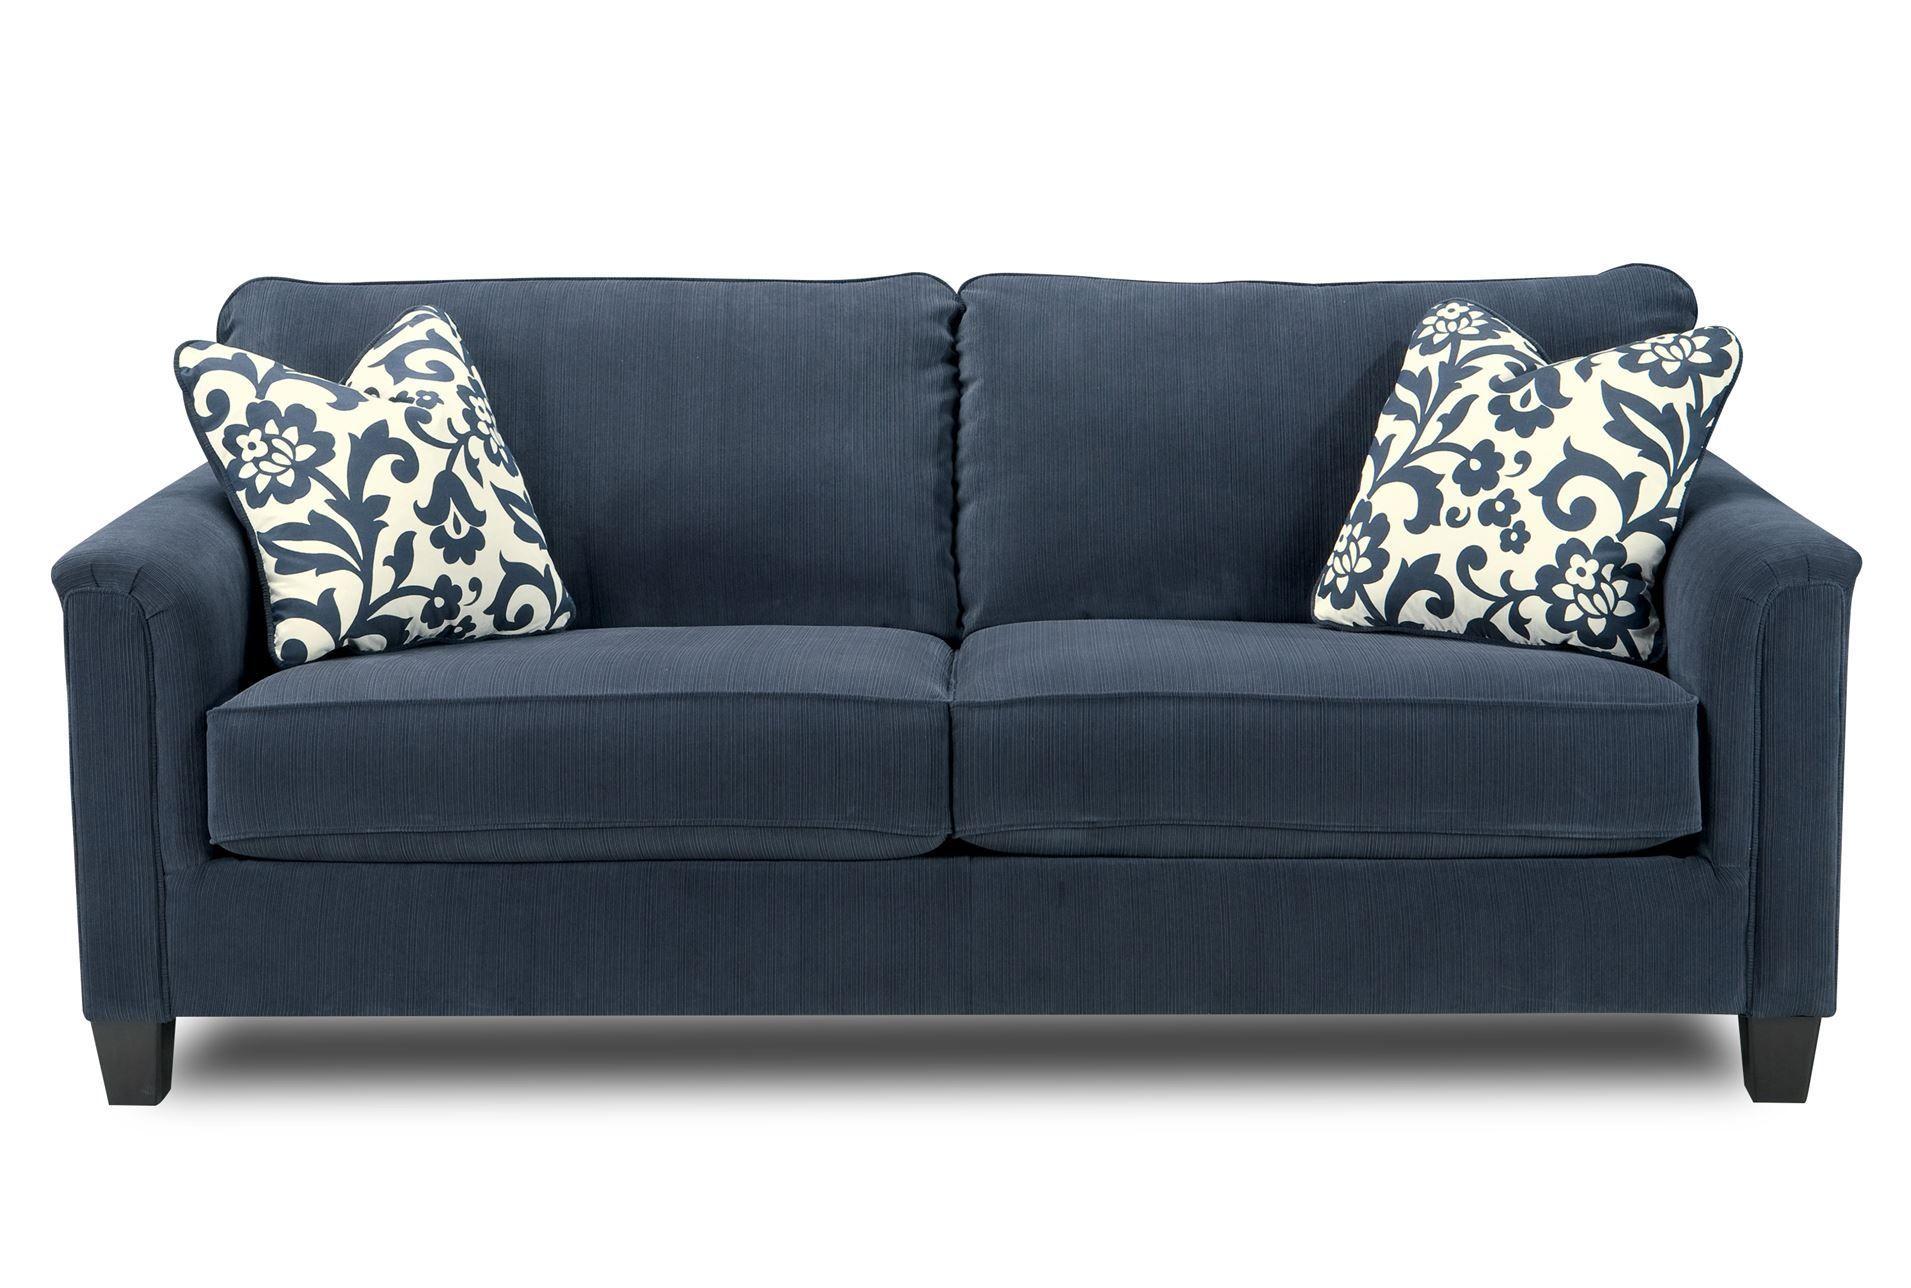 Superb Keendre Indigo Sofa La Sala Sofa Living Room Home Home Interior And Landscaping Eliaenasavecom